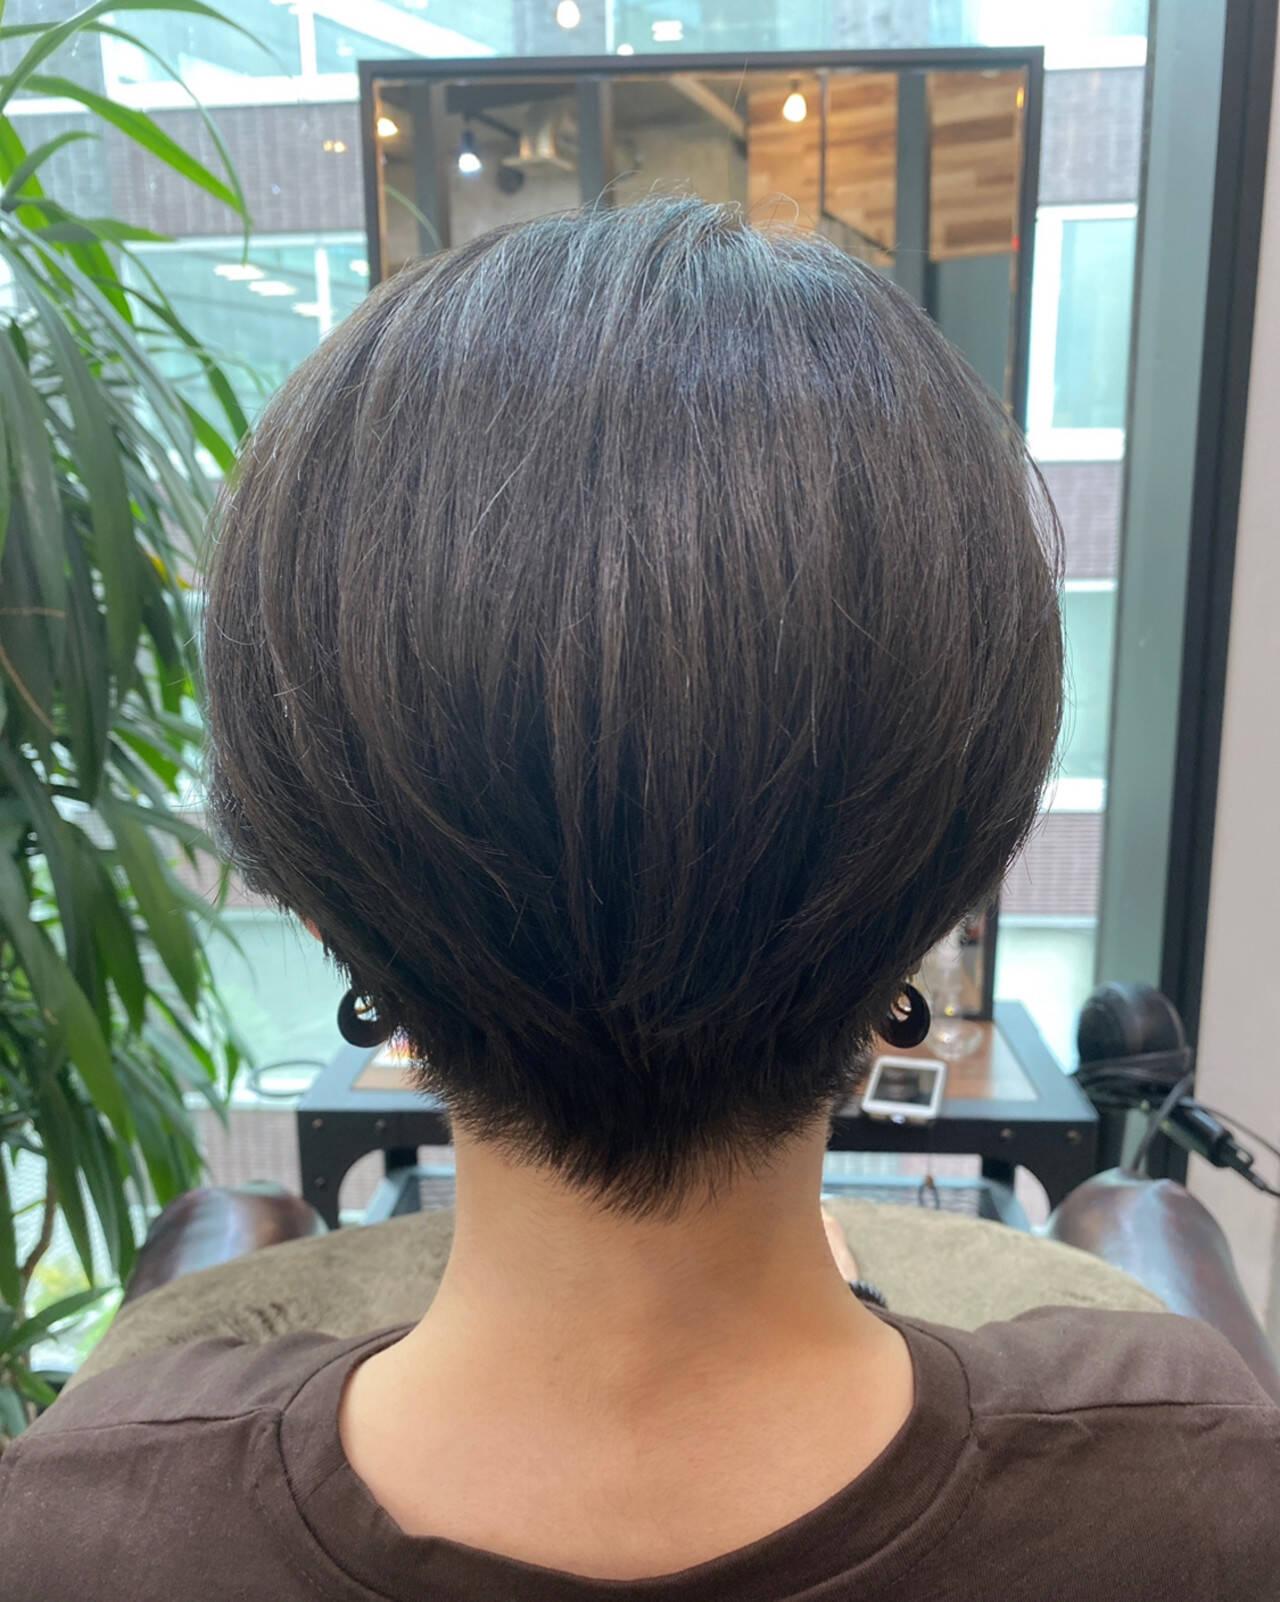 ショートヘア ショート 大人かわいい ミニボブヘアスタイルや髪型の写真・画像